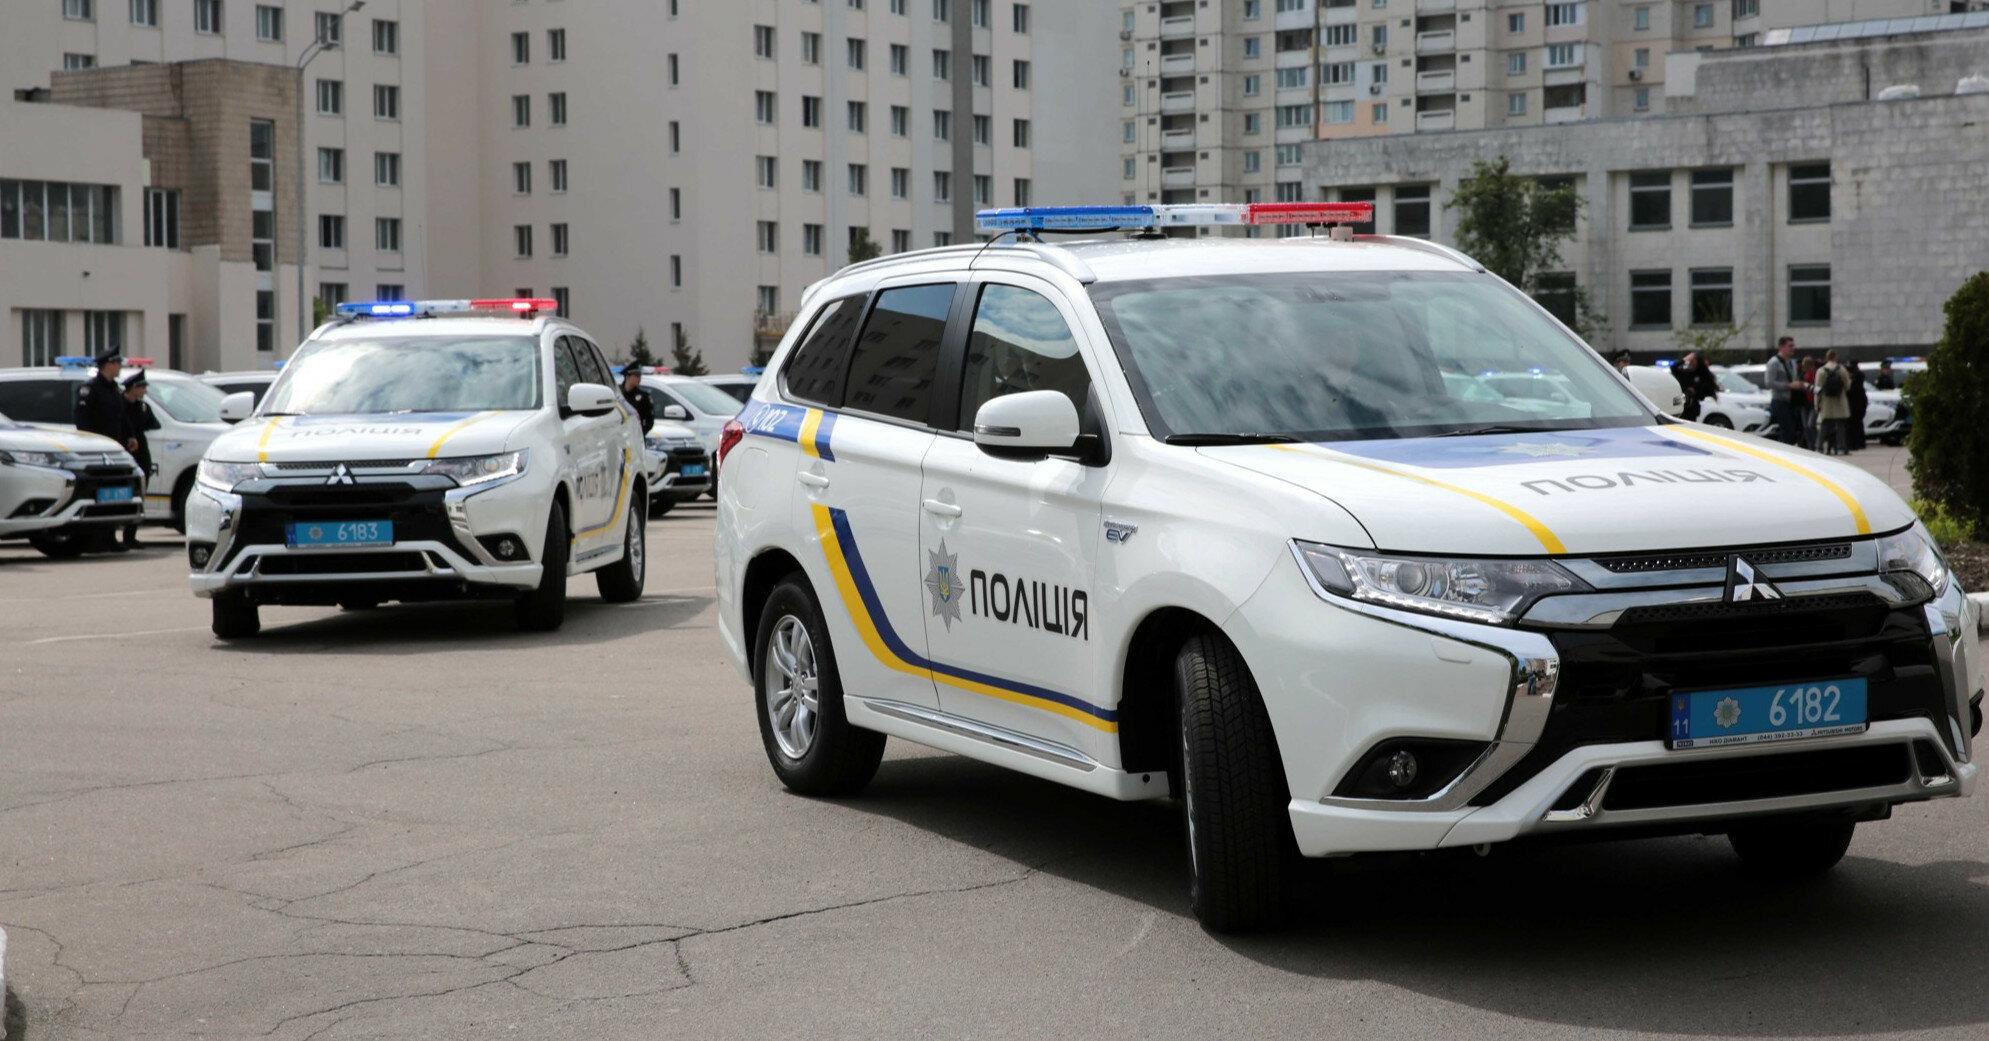 Полиция будет предупреждать об аварийных участках в Киеве